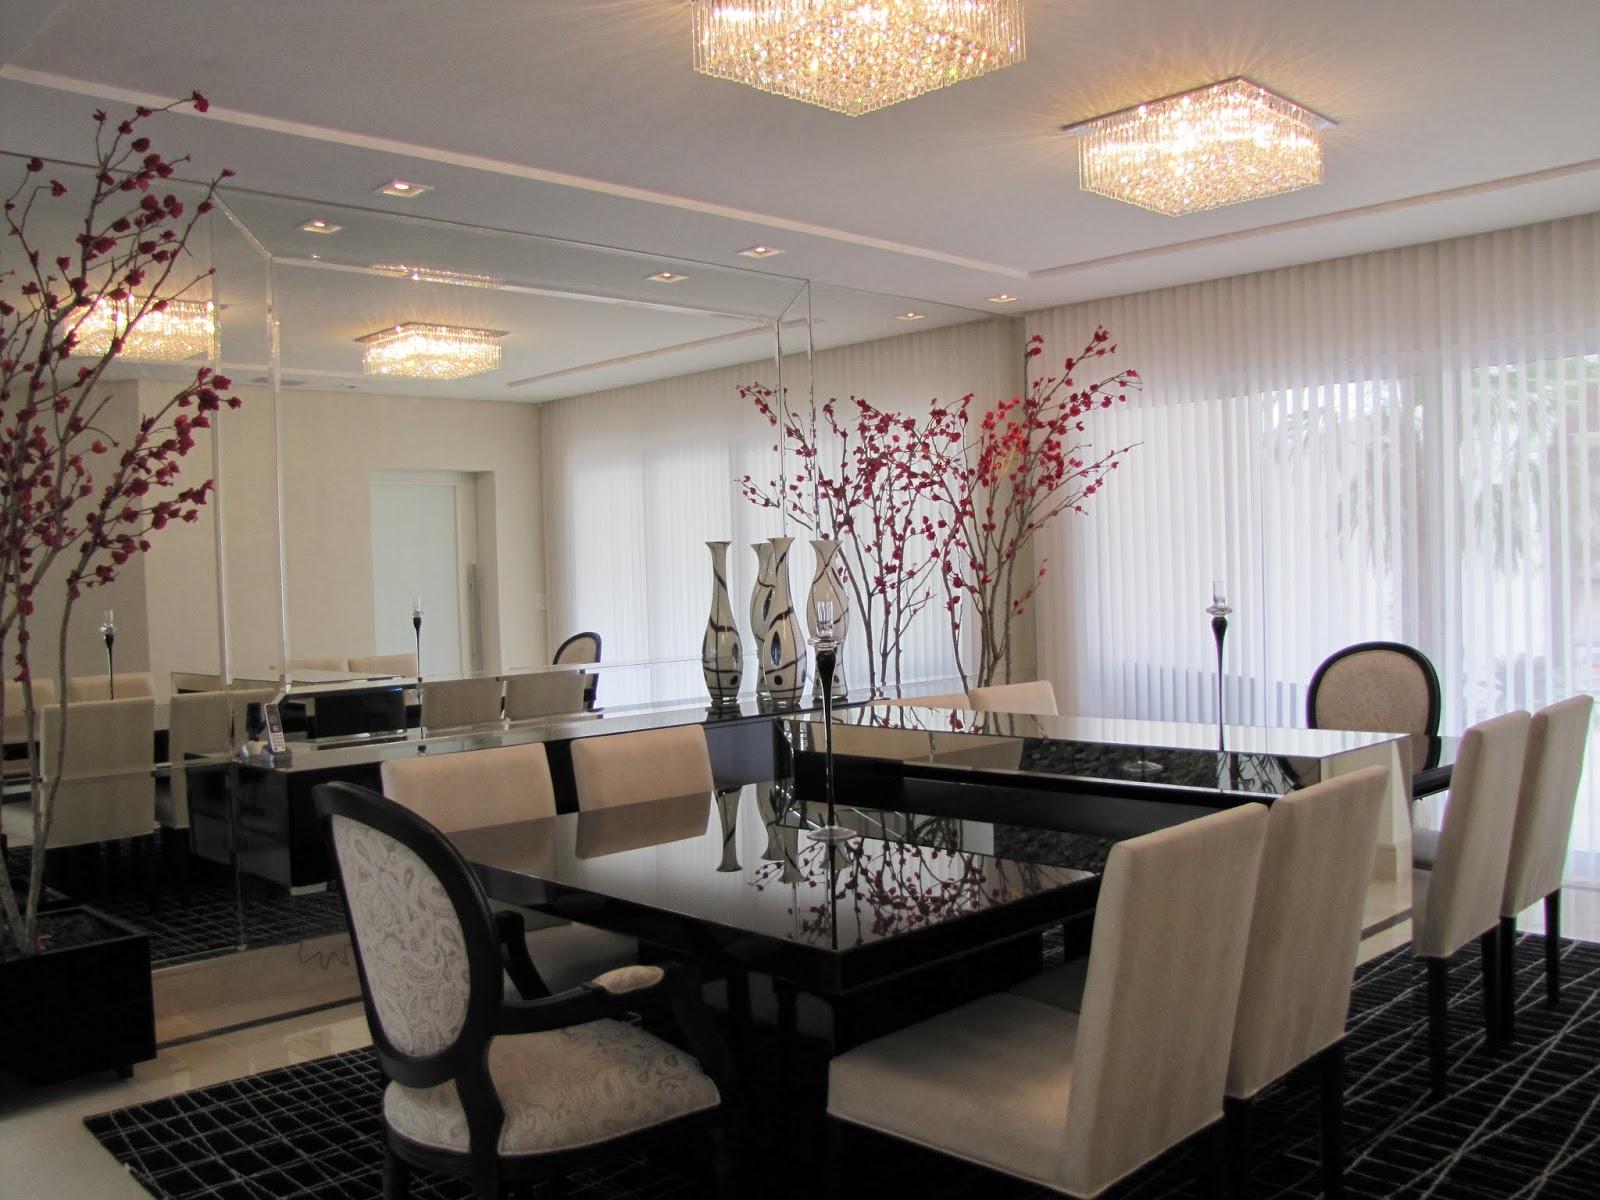 Sala De Jantar Westing ~ Salas de jantar50 modelos maravilhosos e dicas de como decorar